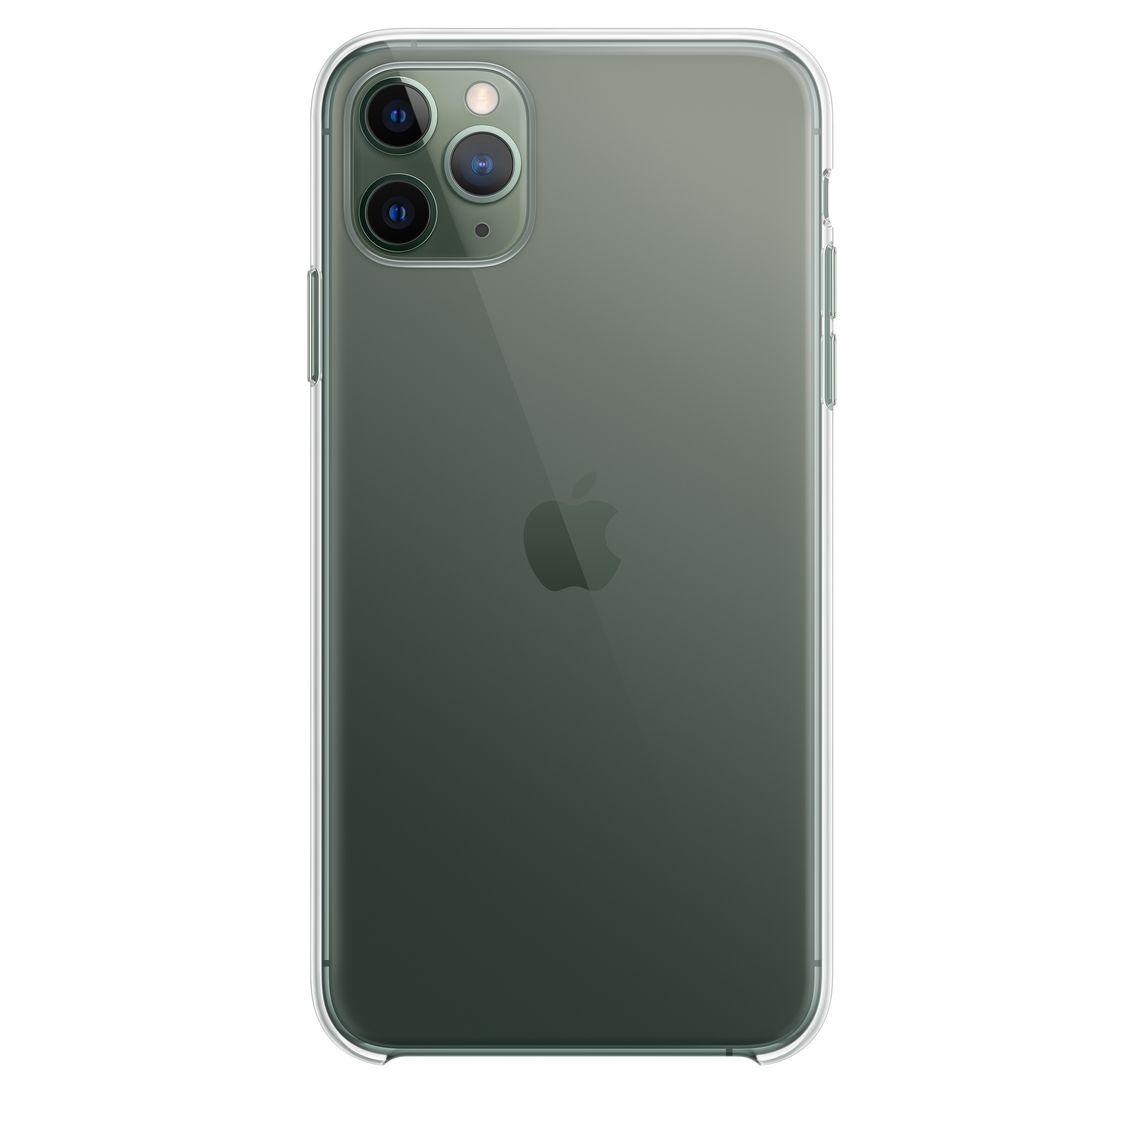 値段 アイフォン 11 プロ